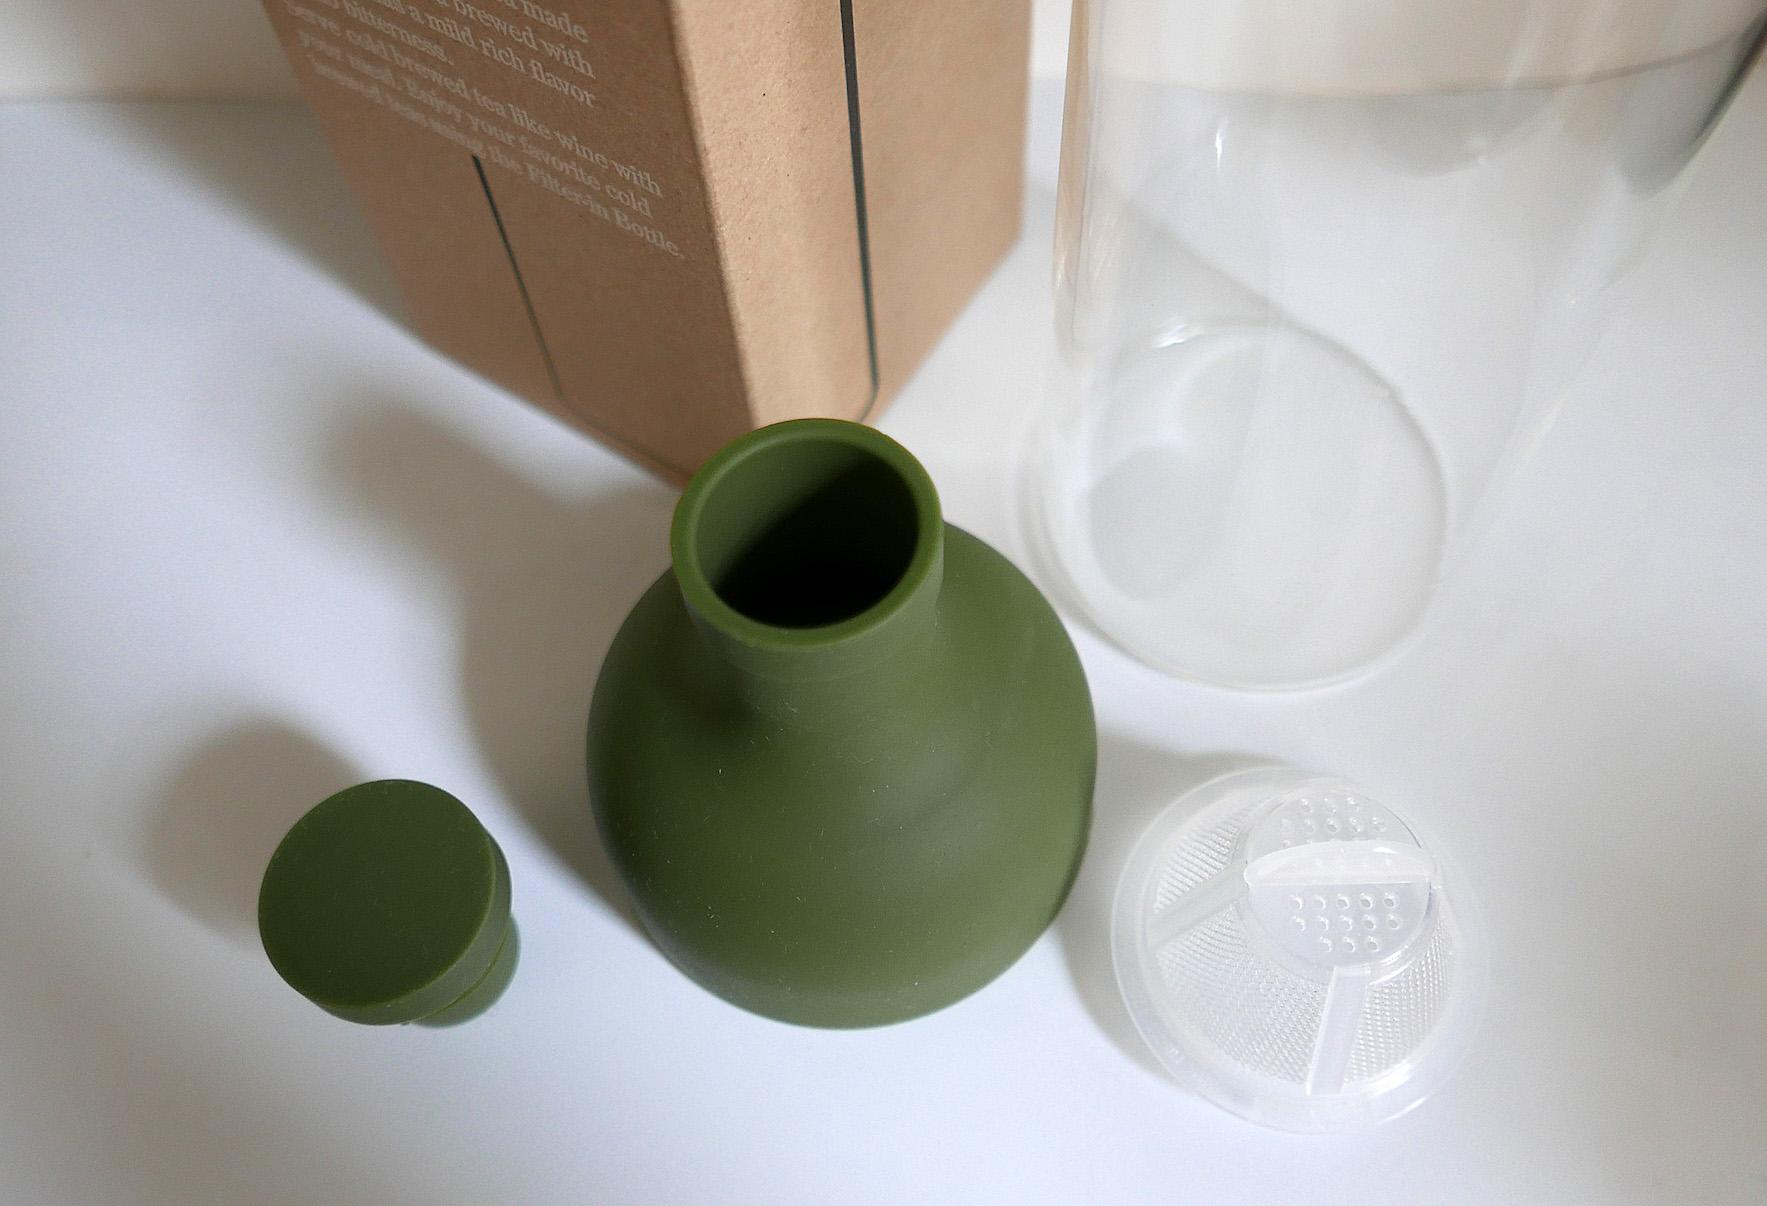 Super bouteille à thé, fabriquée par Hario au Japon